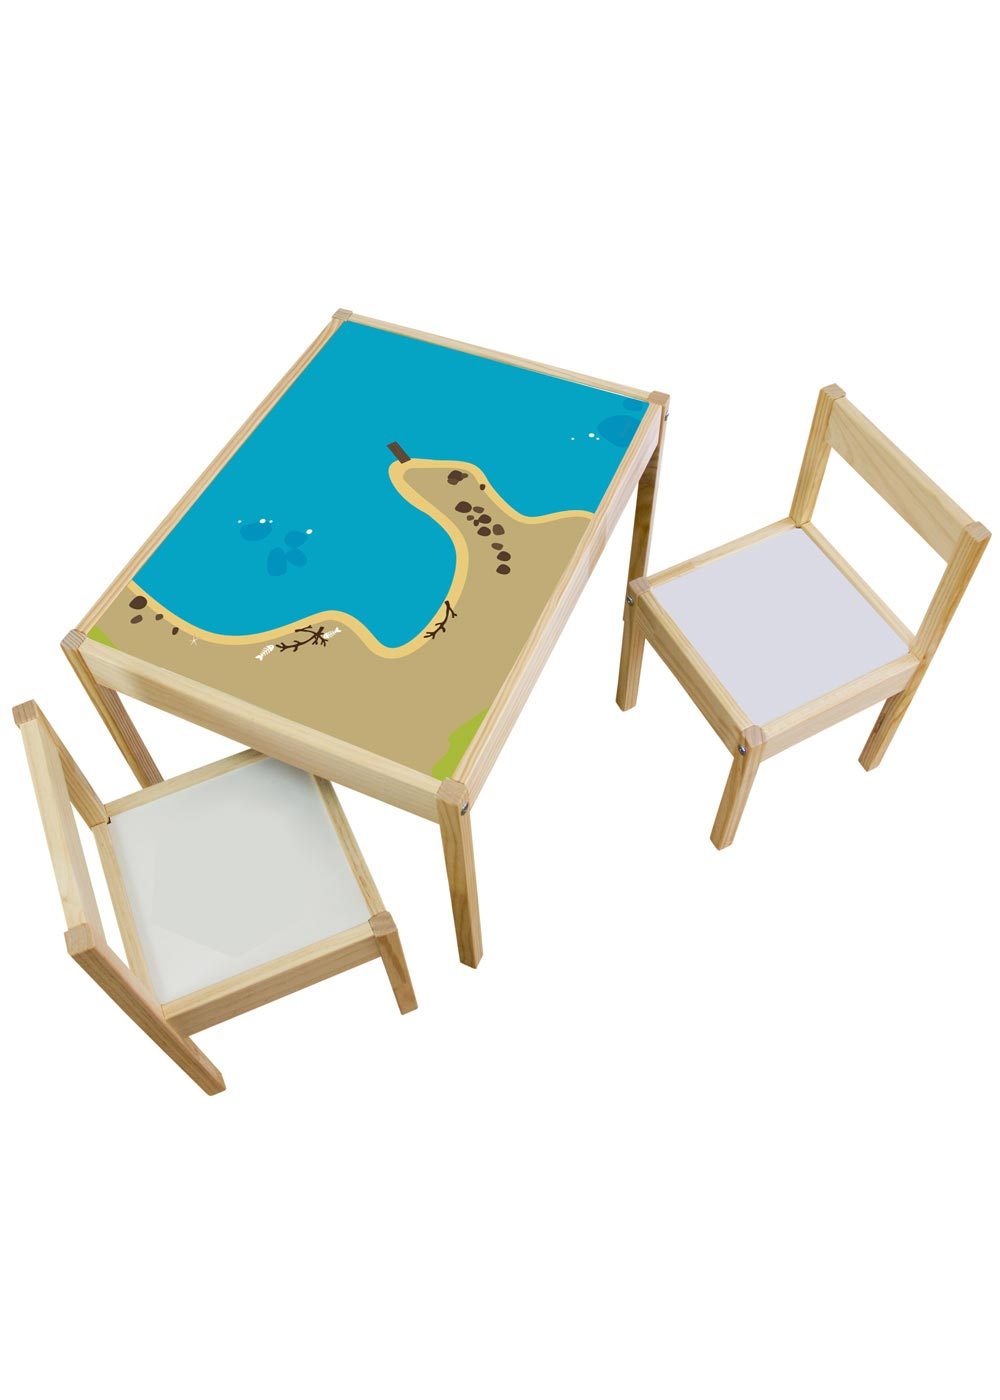 Ikea Lätt Kindertisch Wasserreich Komplettansicht